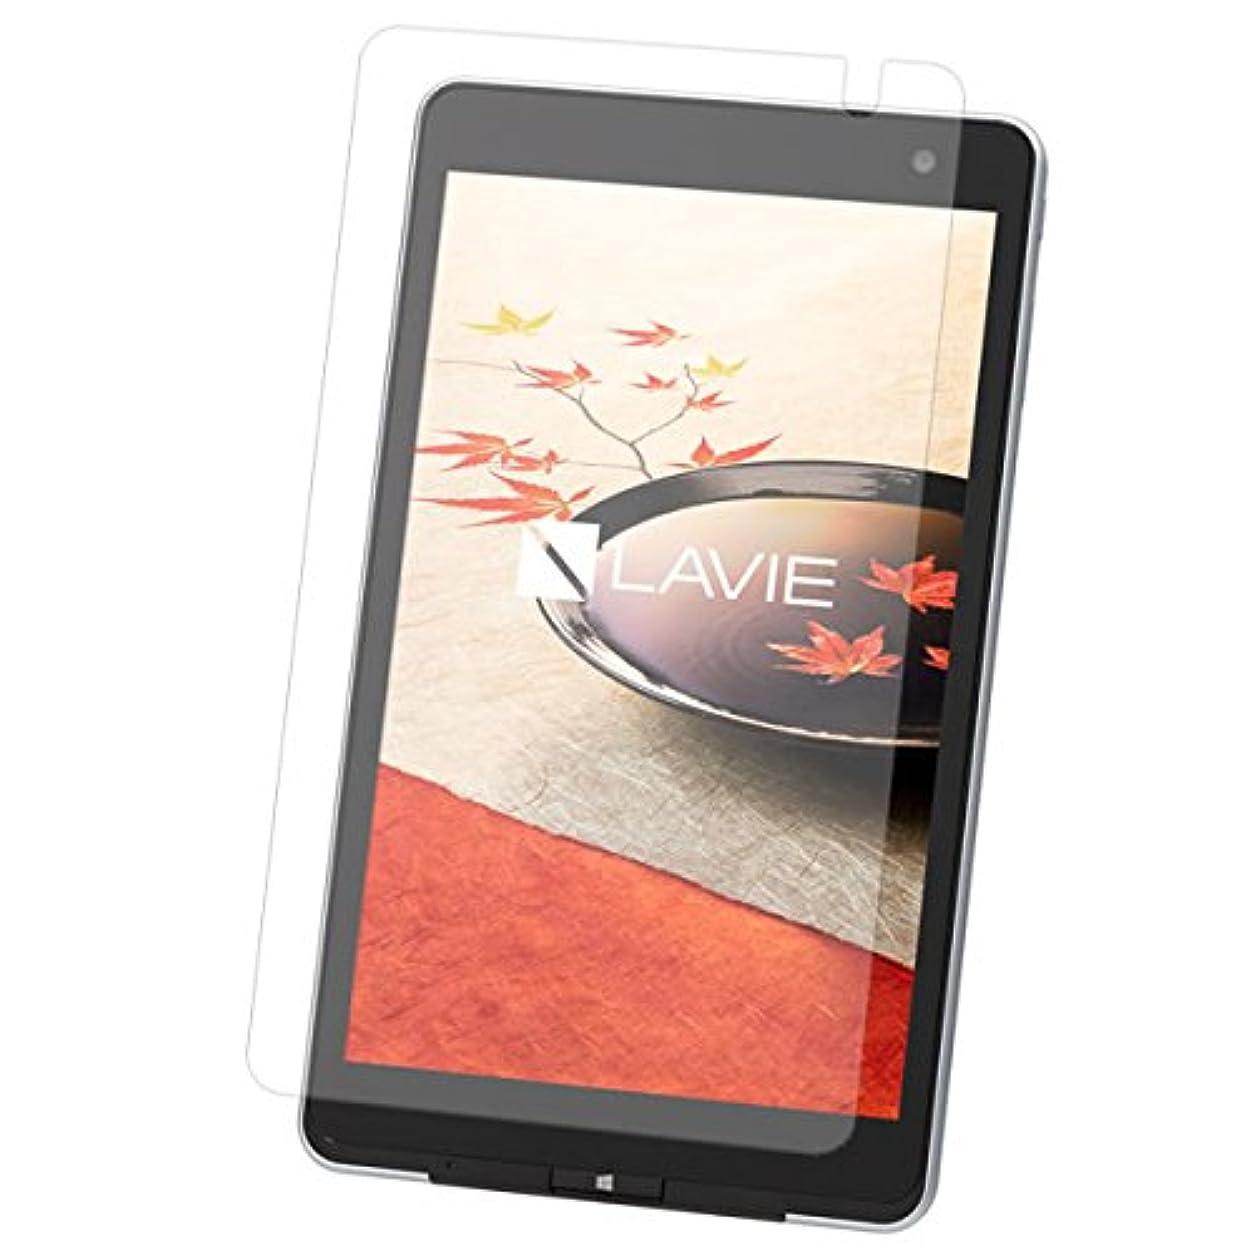 拮抗からかう仕様NEC LAVIE Tab W TW708/CAS PC-TW708CAS 8インチタブレット 用 液晶保護フィルム  防指紋(クリア)タイプ